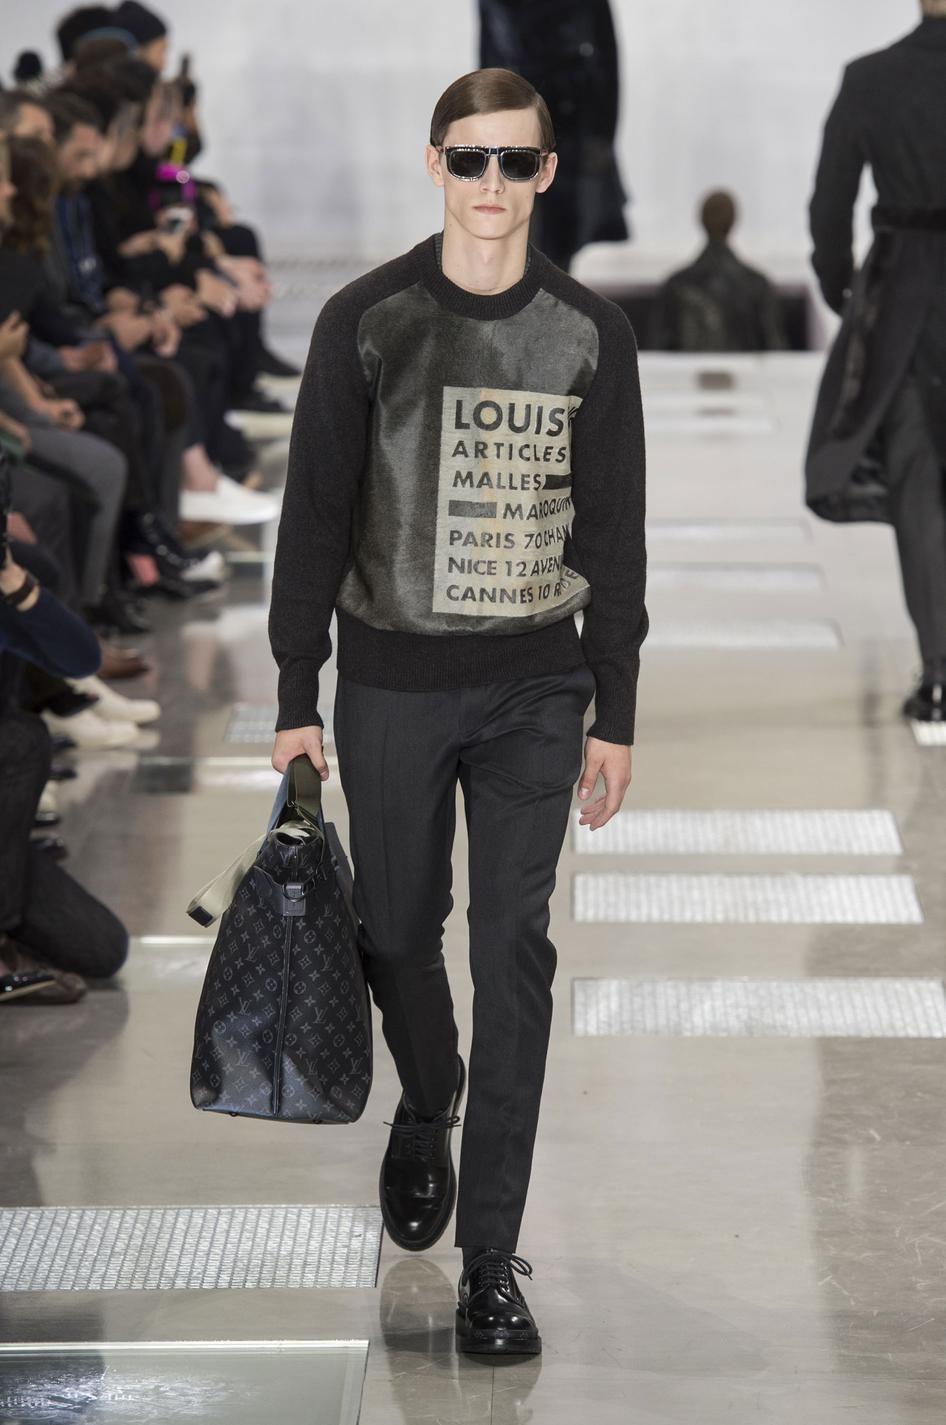 Retrouvez les photos du défilé Louis Vuitton Homme Automne-hiver 2016-2017,  les meilleurs moments en vidéo, ainsi que les coulisses et les détails du  show 484879a5dee